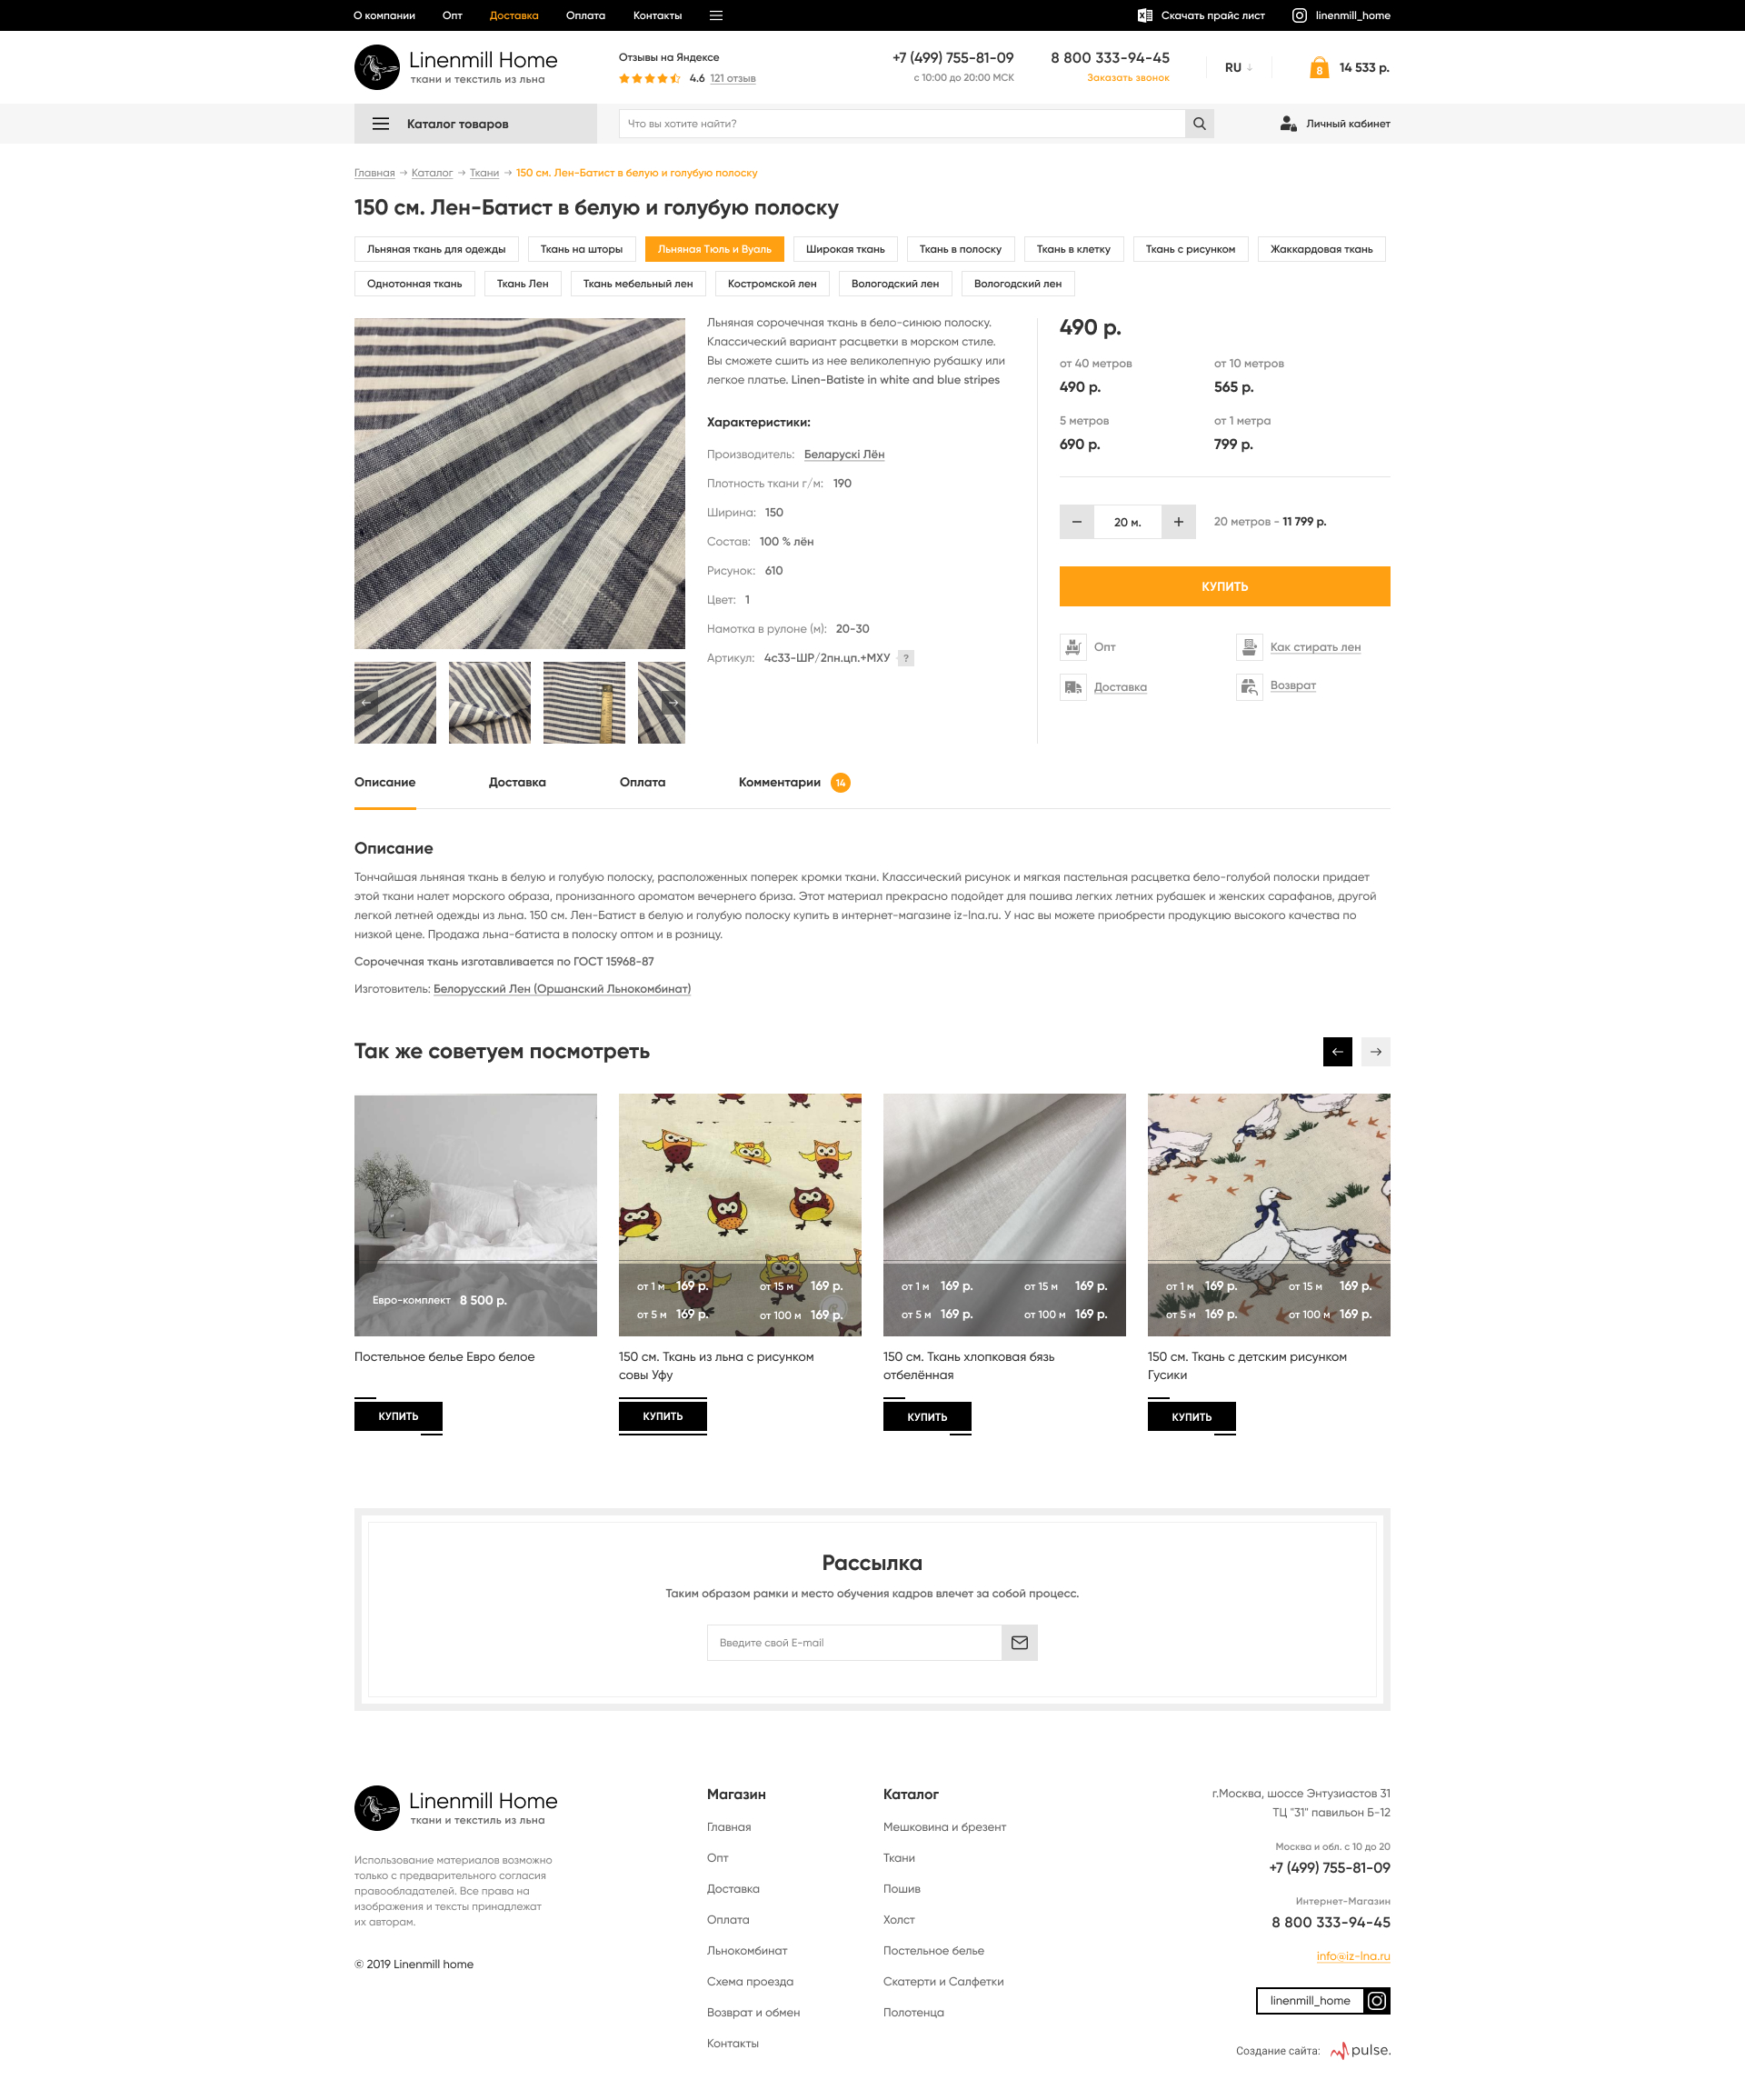 """Интернет магазин ткани и текстиля из льна """"Linenmill home"""""""